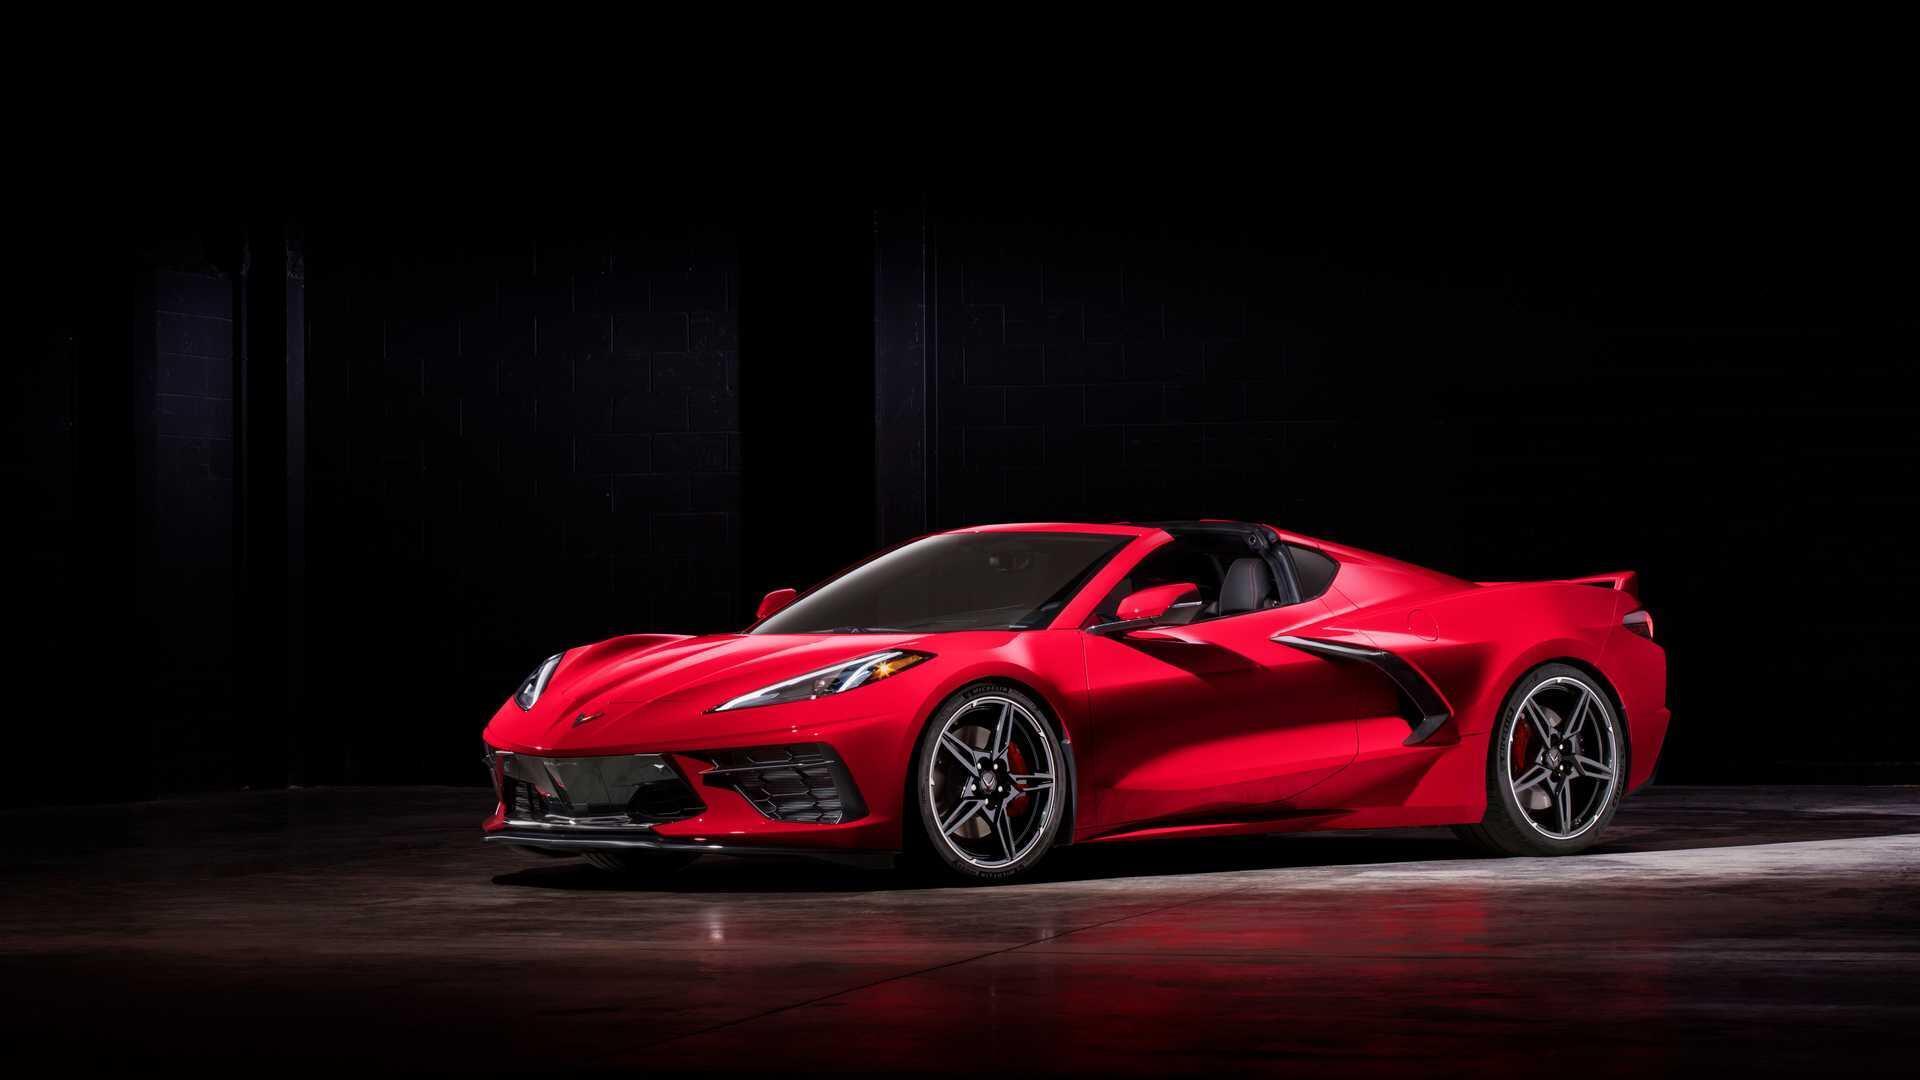 https://cdn.dailyxe.com.vn/image/chevrolet-corvette-2020-co-mot-so-tinh-nang-an-tuyet-voi-55-94562j2.jpg